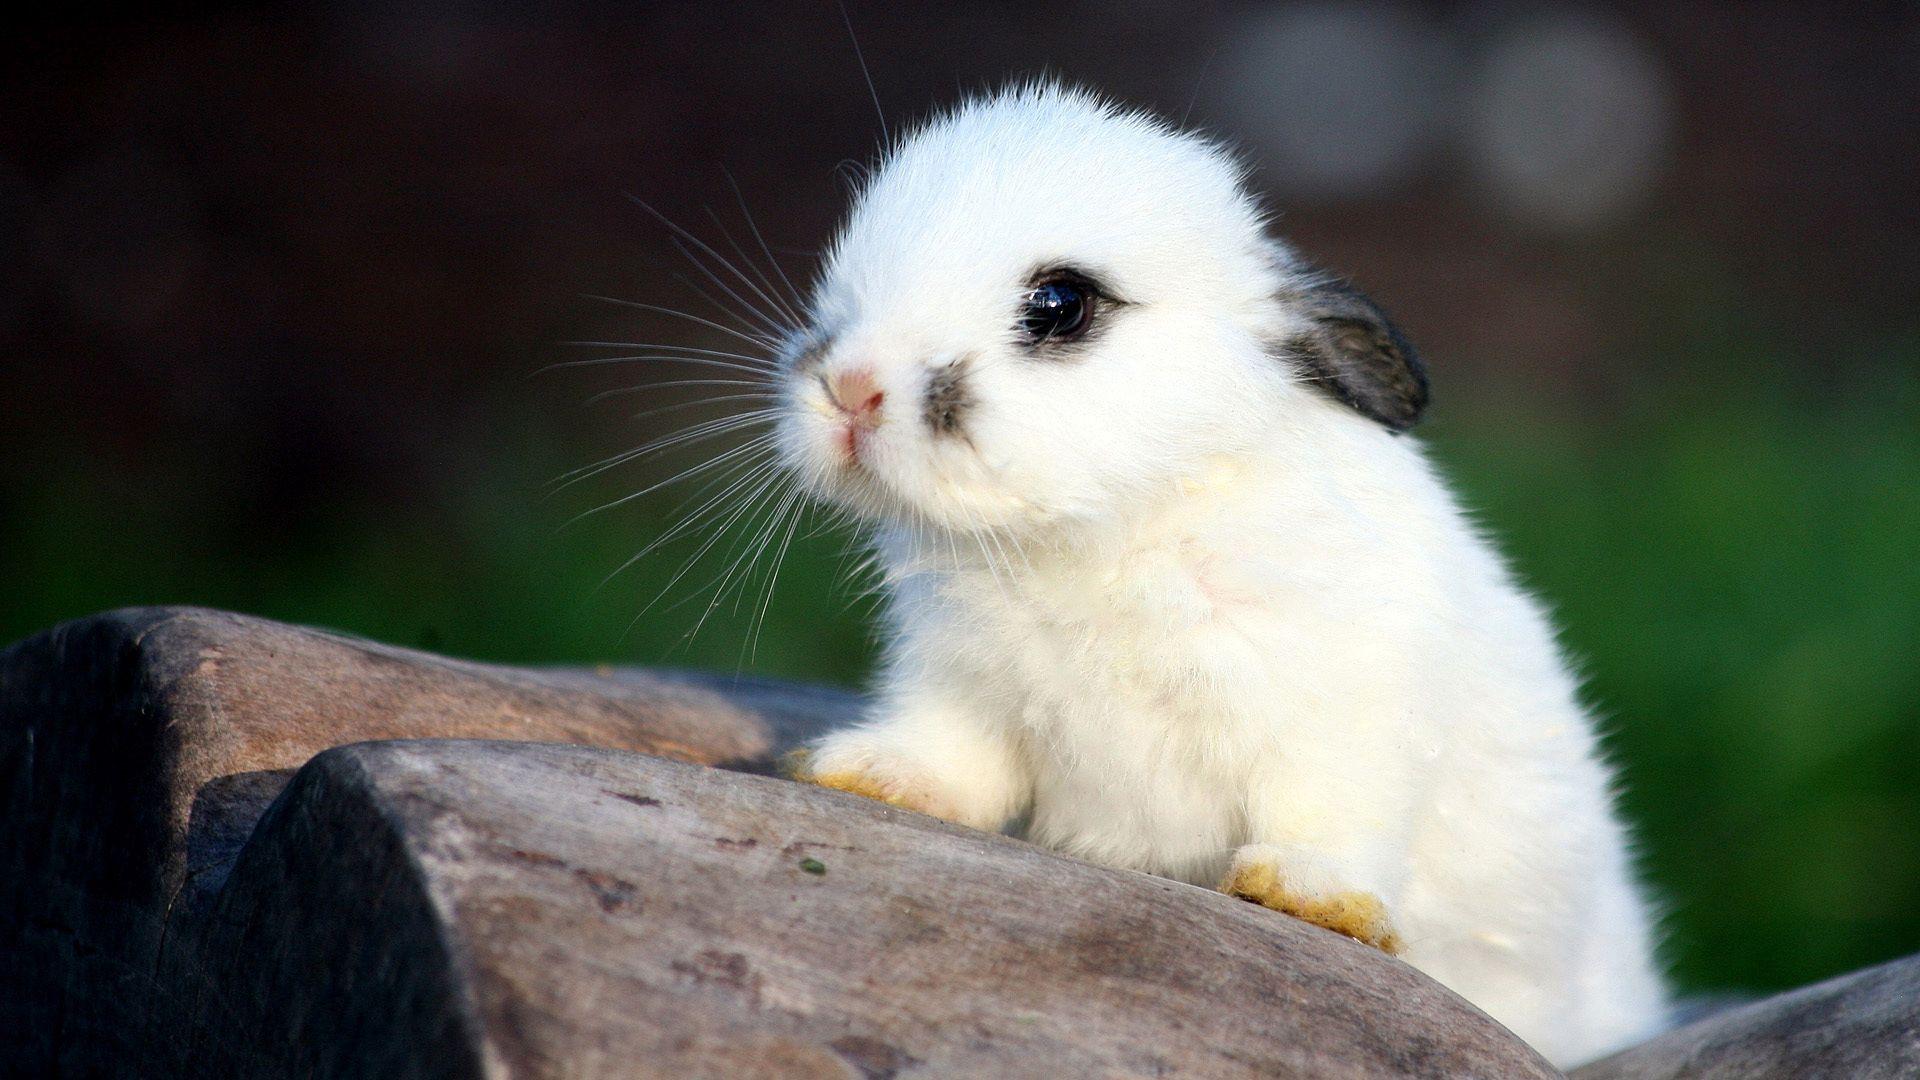 67915 Hintergrundbild herunterladen Kaninchen, Tiere, Gefleckt, Fleckig, Nett, Schatz - Bildschirmschoner und Bilder kostenlos